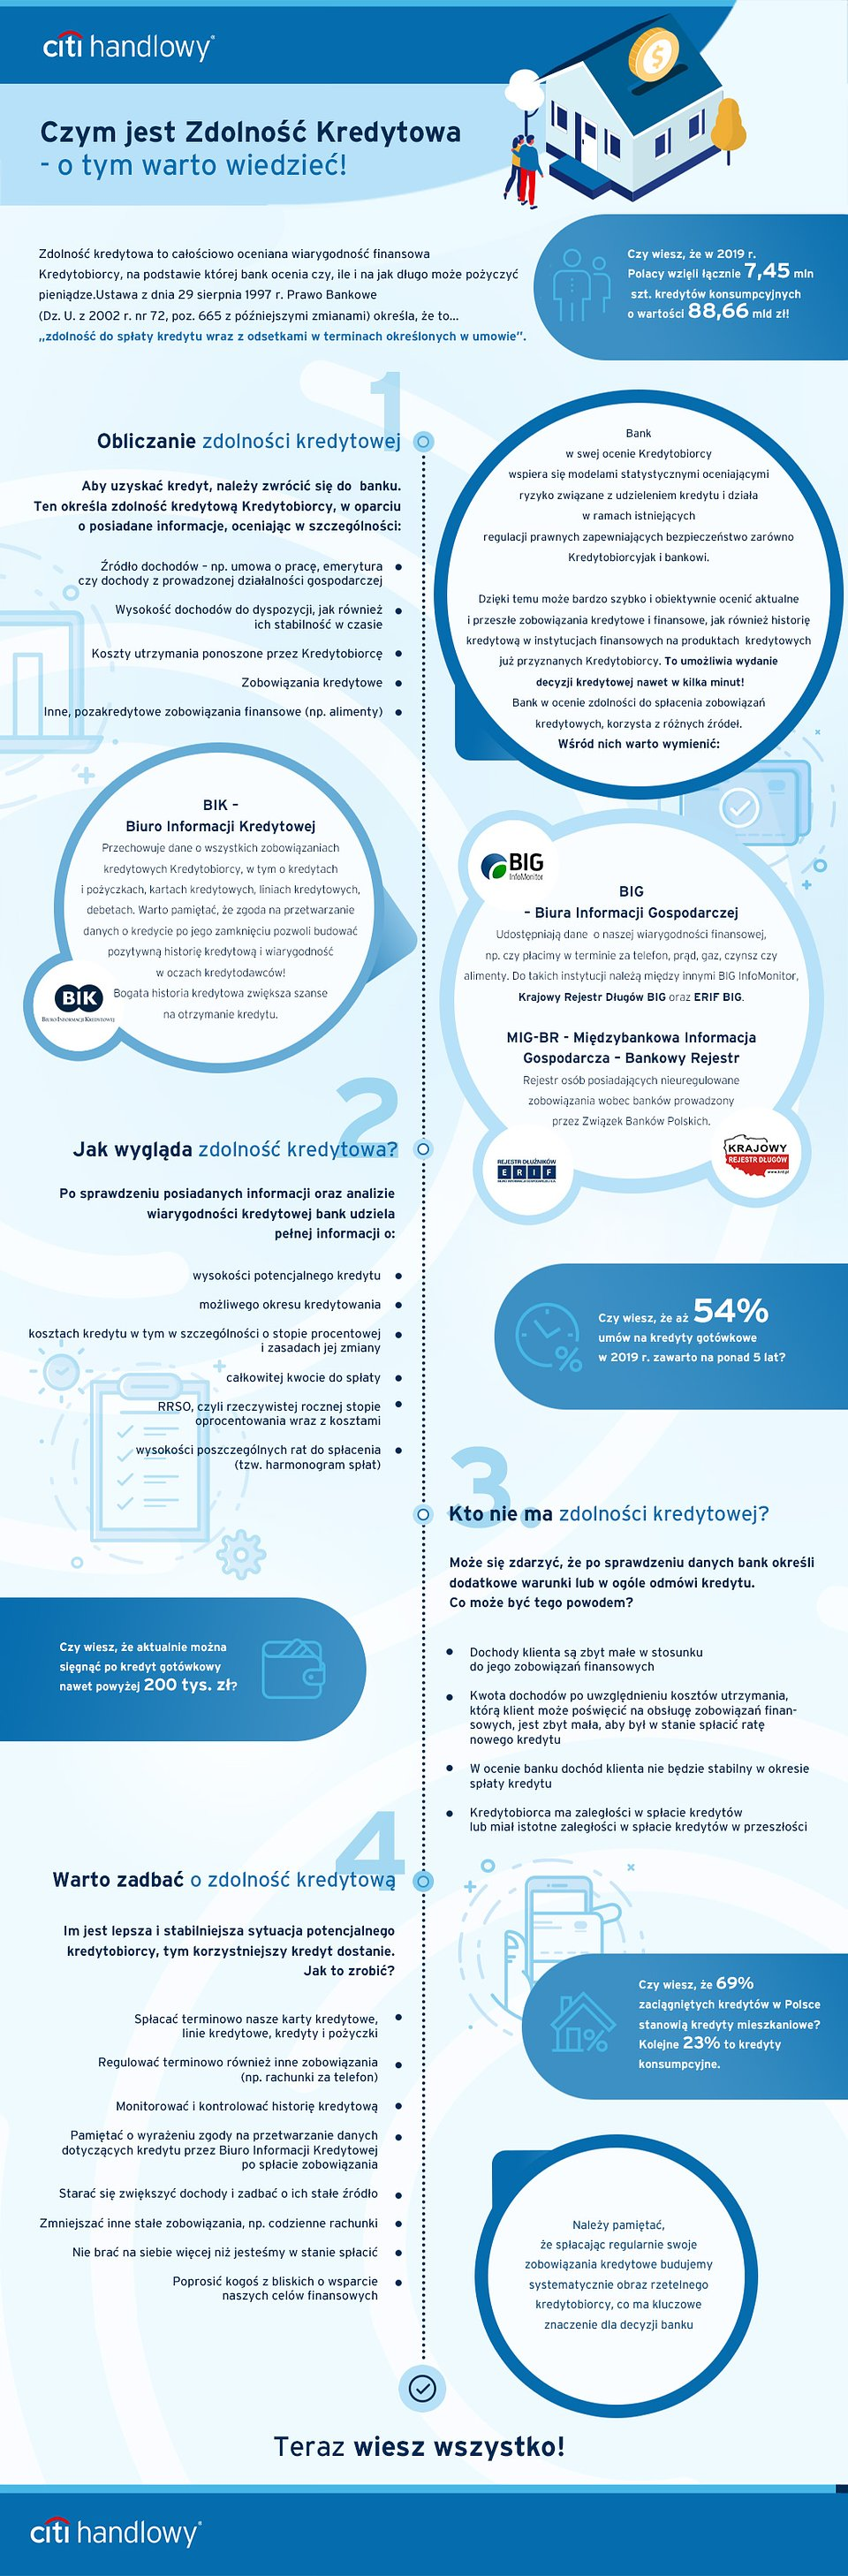 Infografika - czym jest zdolność kredytowa. Prosto opisane zasady obliczania zdolności przez banki w Polsce.